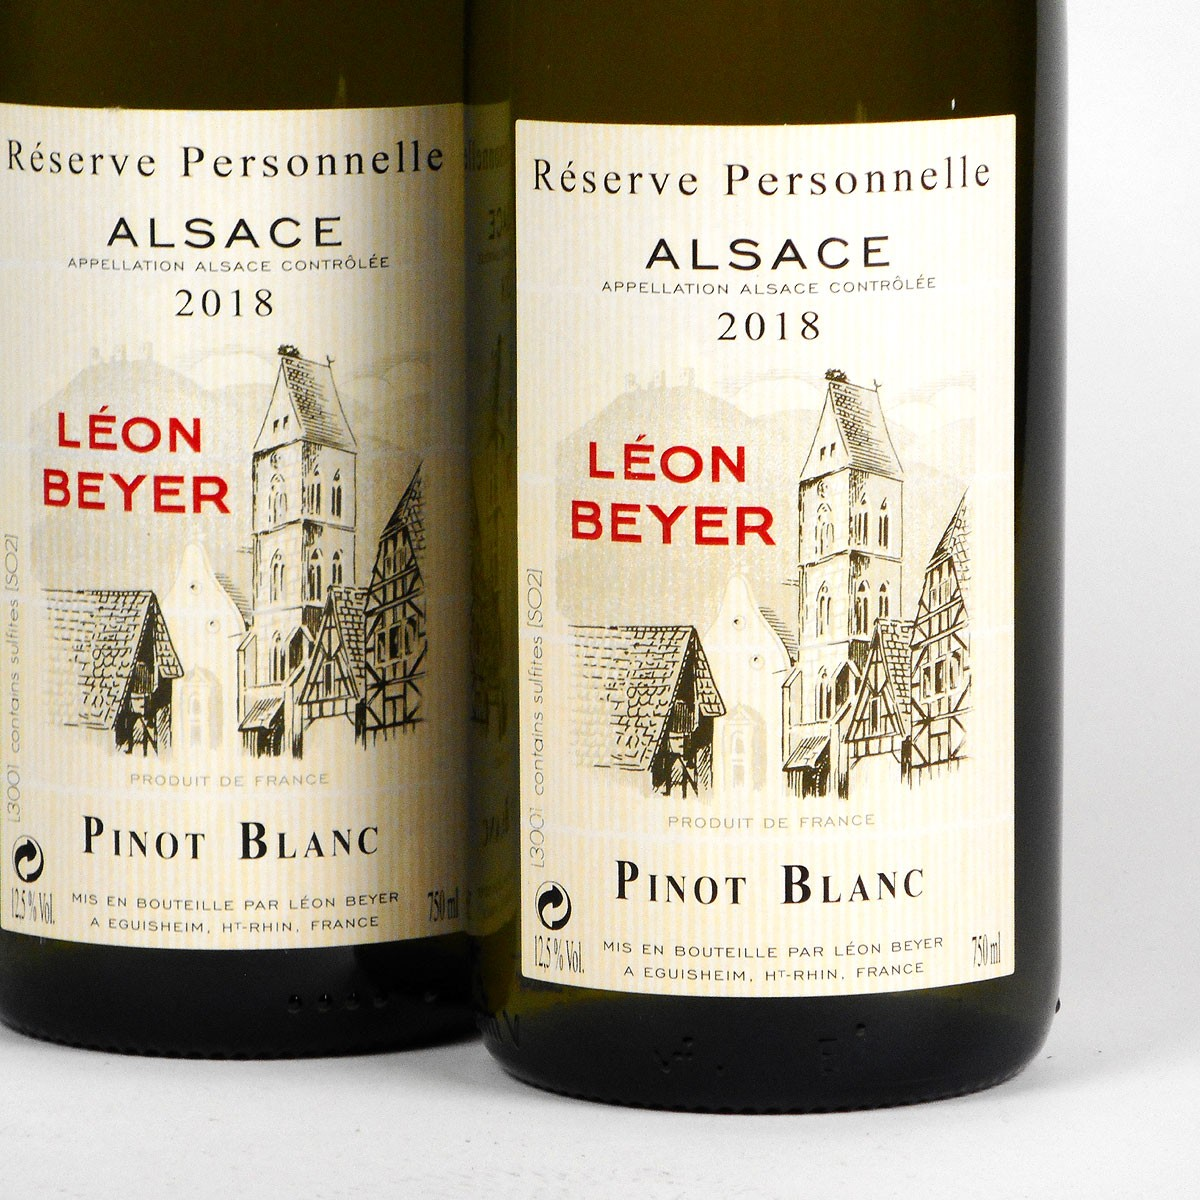 Alsace: Léon Beyer 'Réserve Personnelle' Pinot Blanc 2018